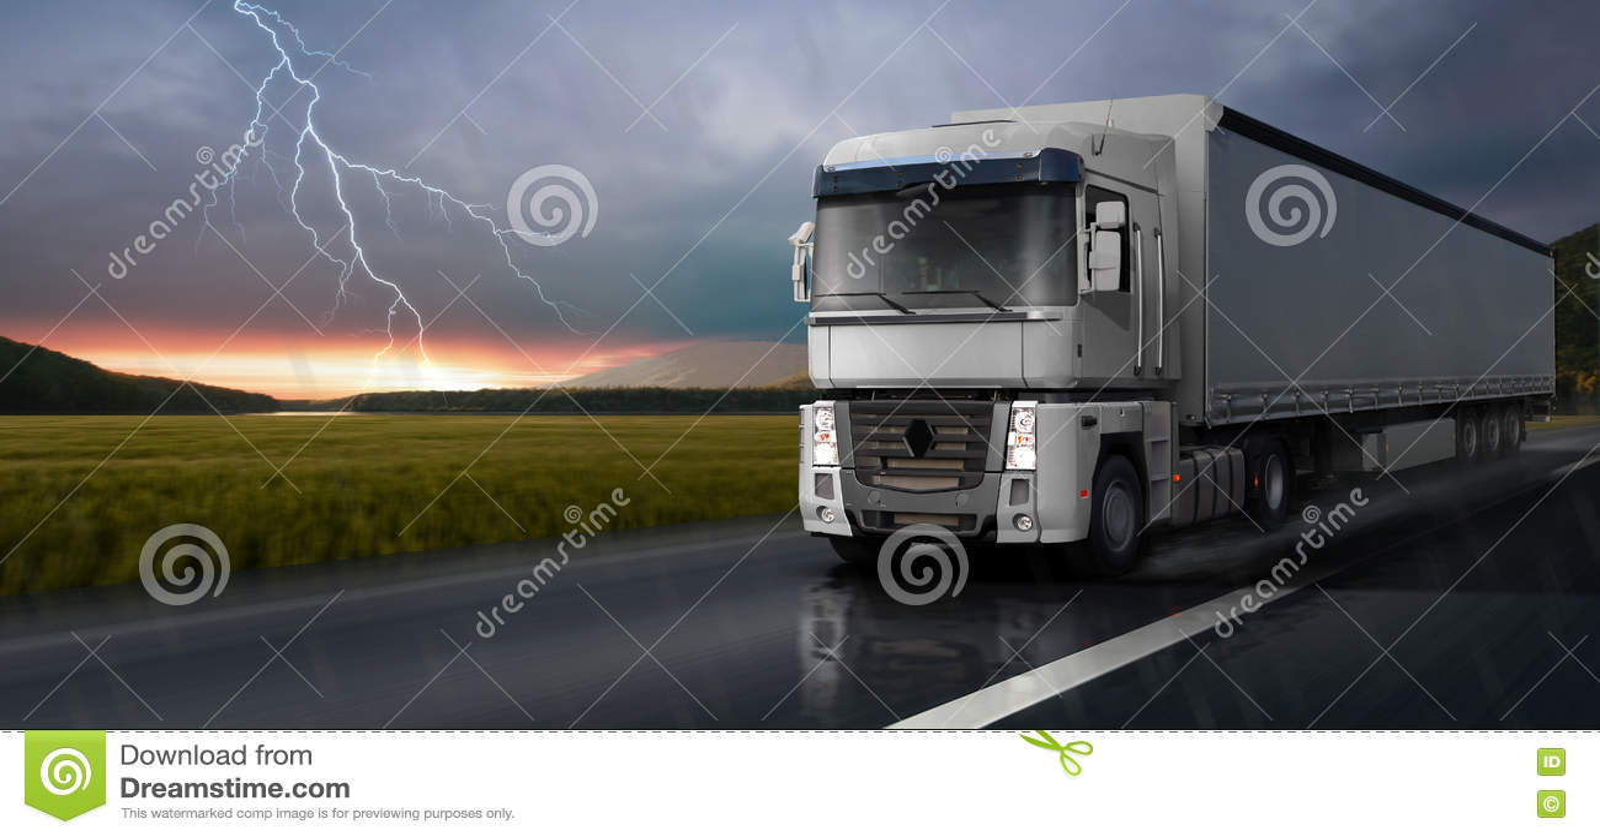 白色卡车在路在雨中移动